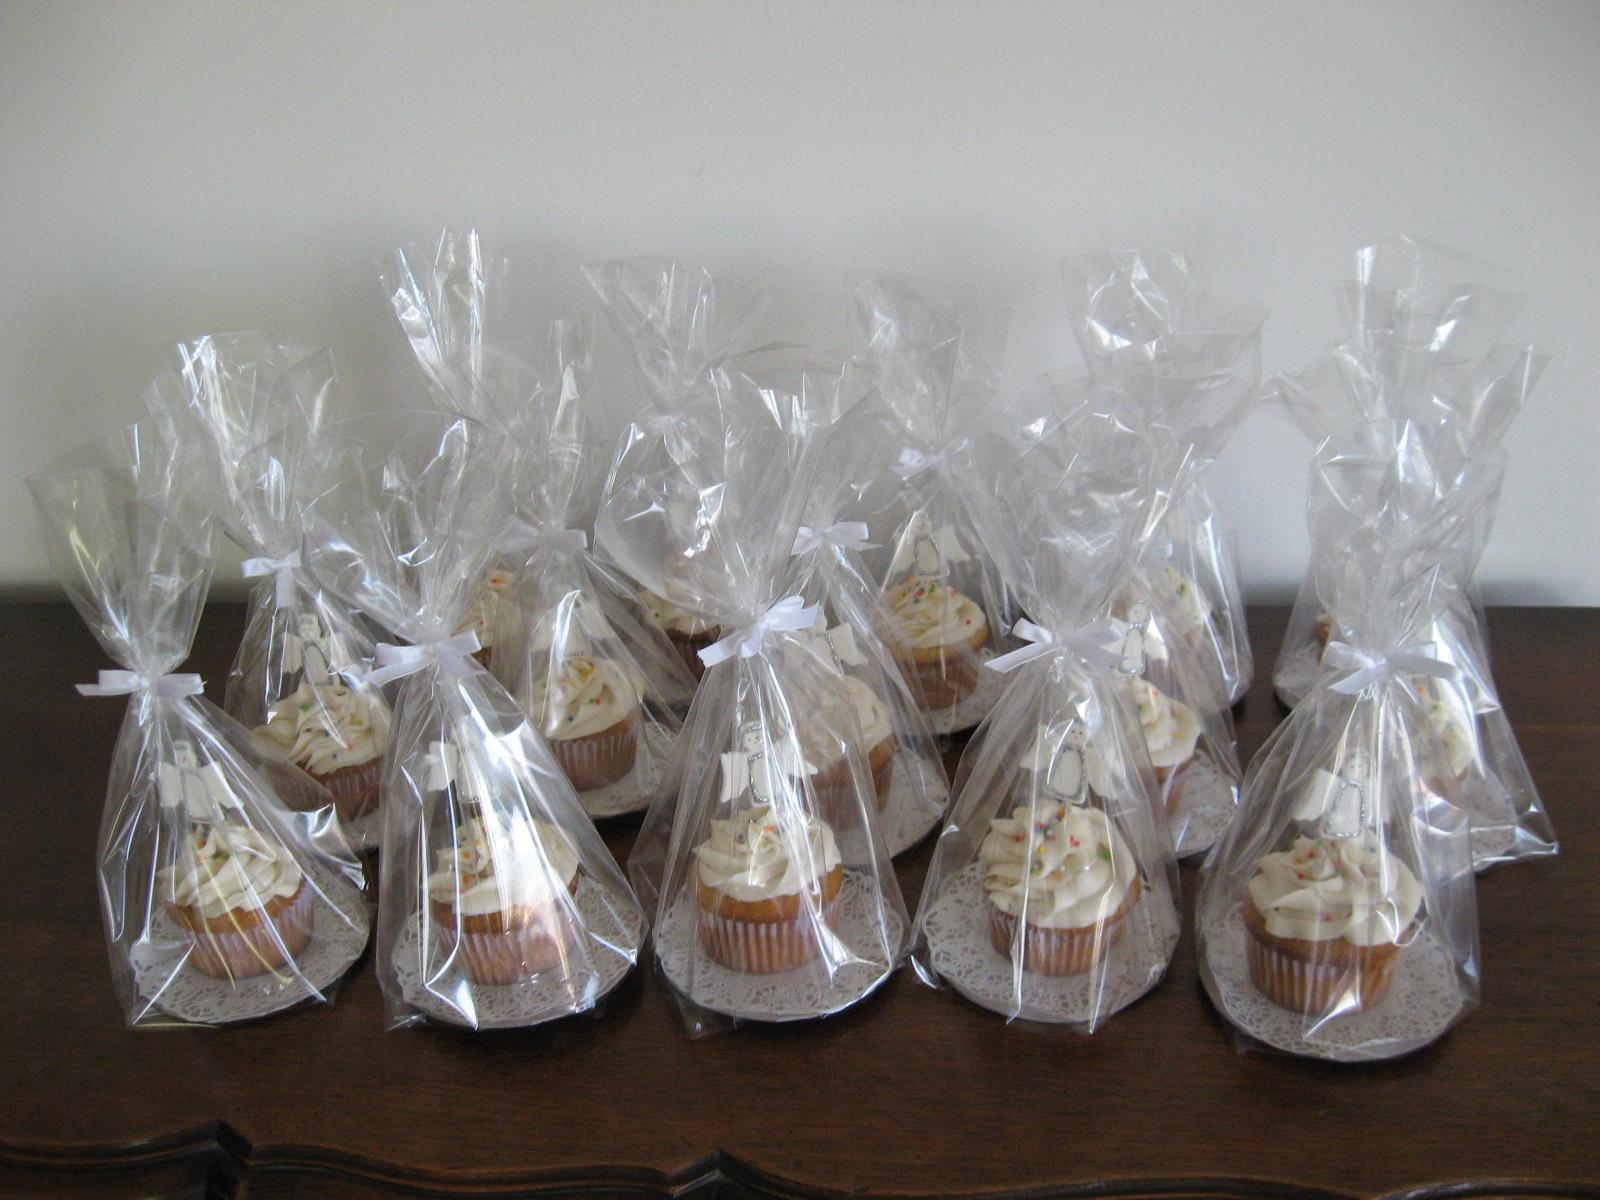 http://2.bp.blogspot.com/_Qt2ZQ8DeXu0/TN1UC8JrVBI/AAAAAAAAAHY/I9dMS8SYLmI/s1600/cupcakes+primera+comunion+017.jpg